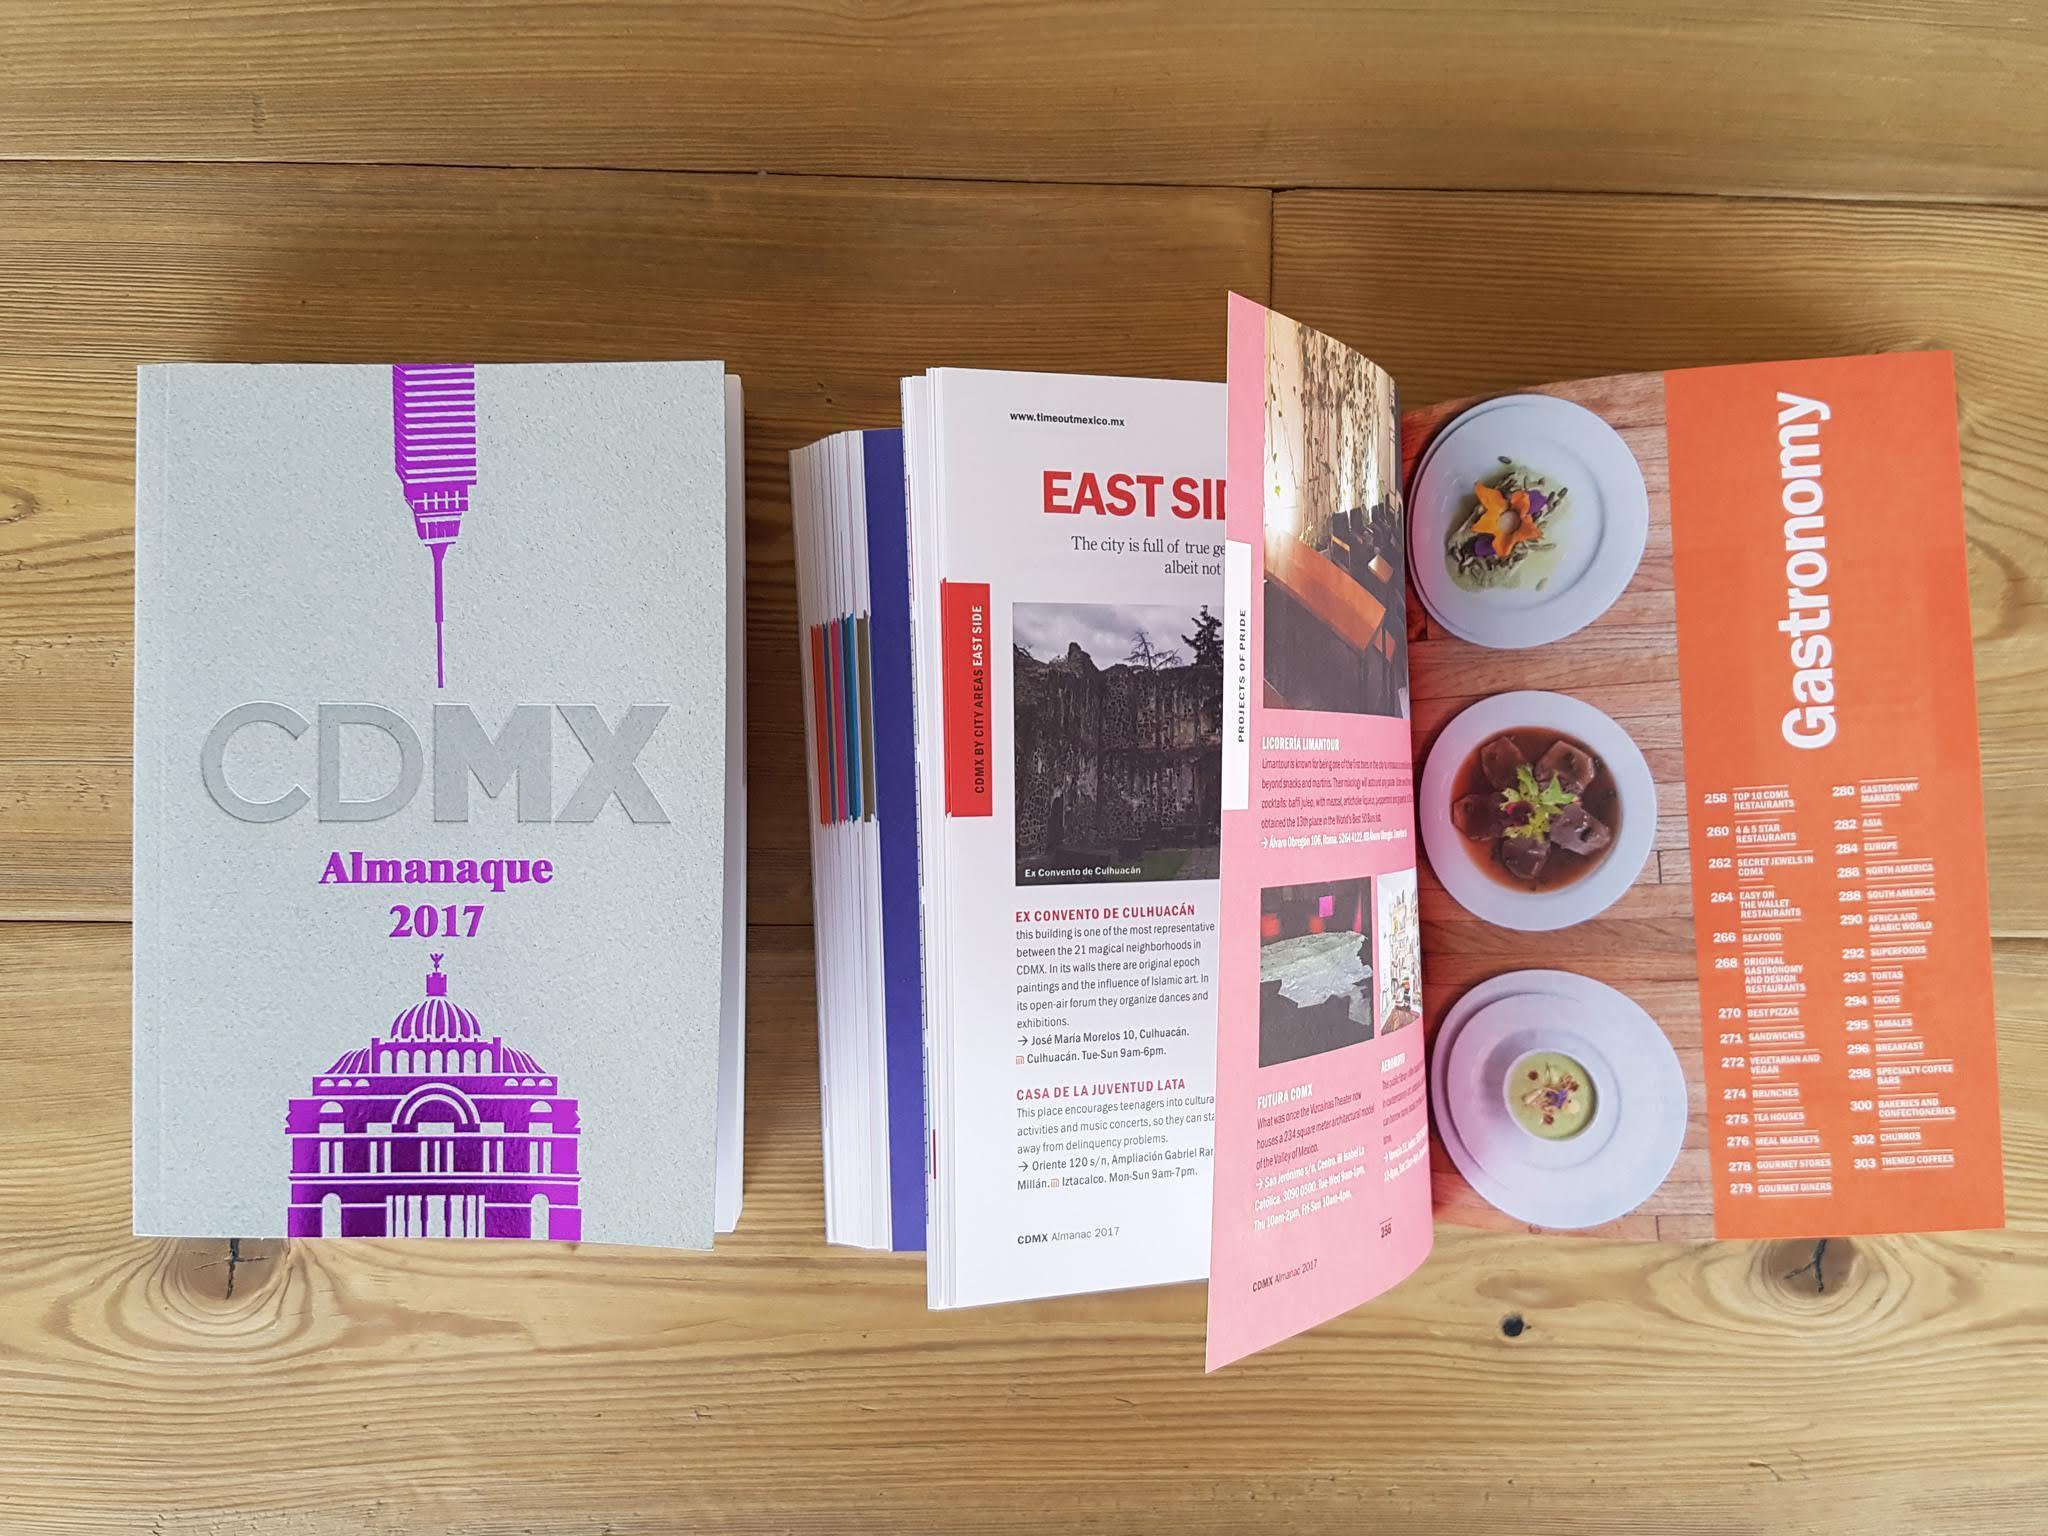 cdmx almanaque 2017